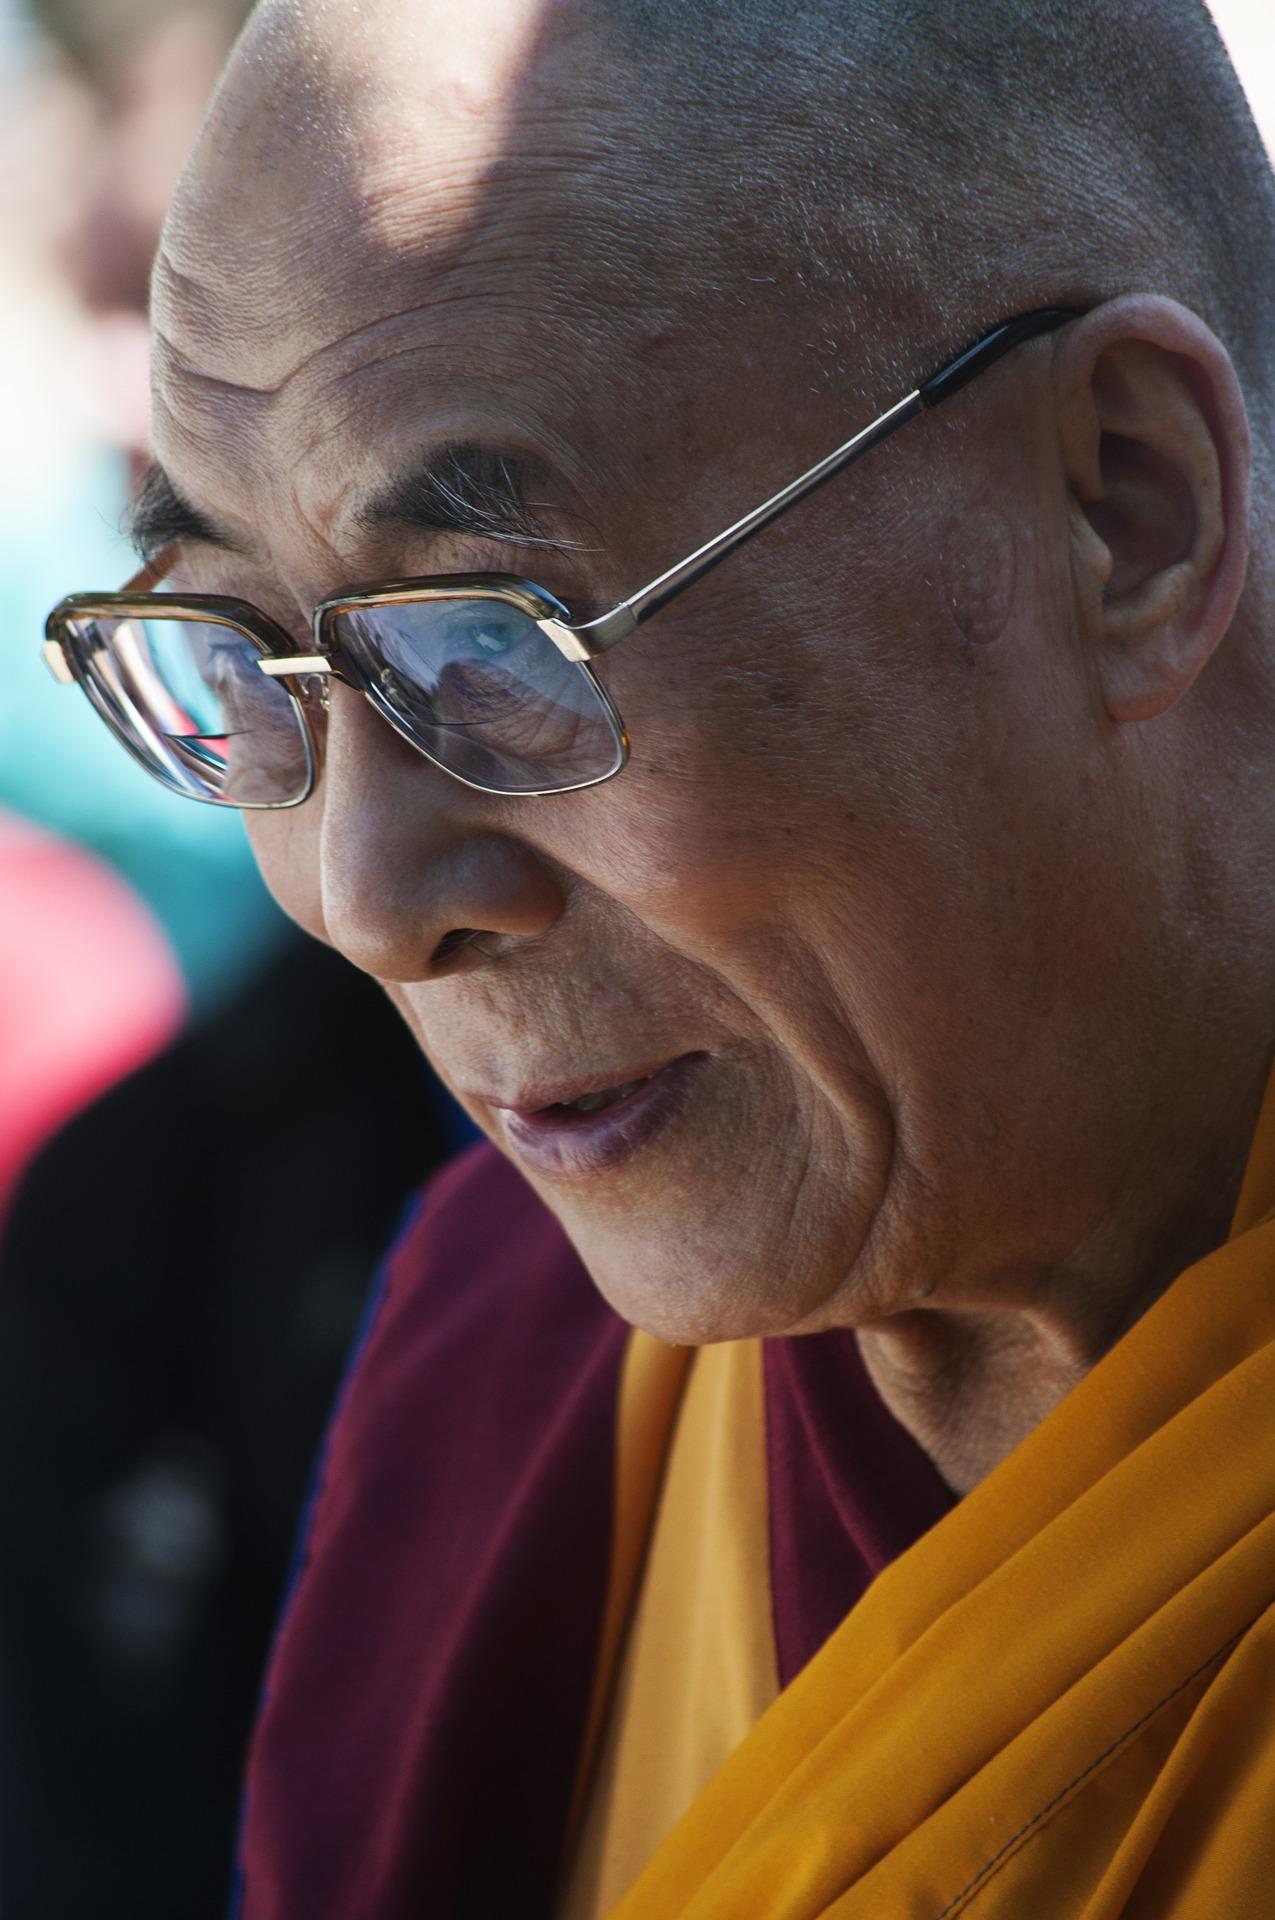 dalai-lama-2244829_1920.jpg